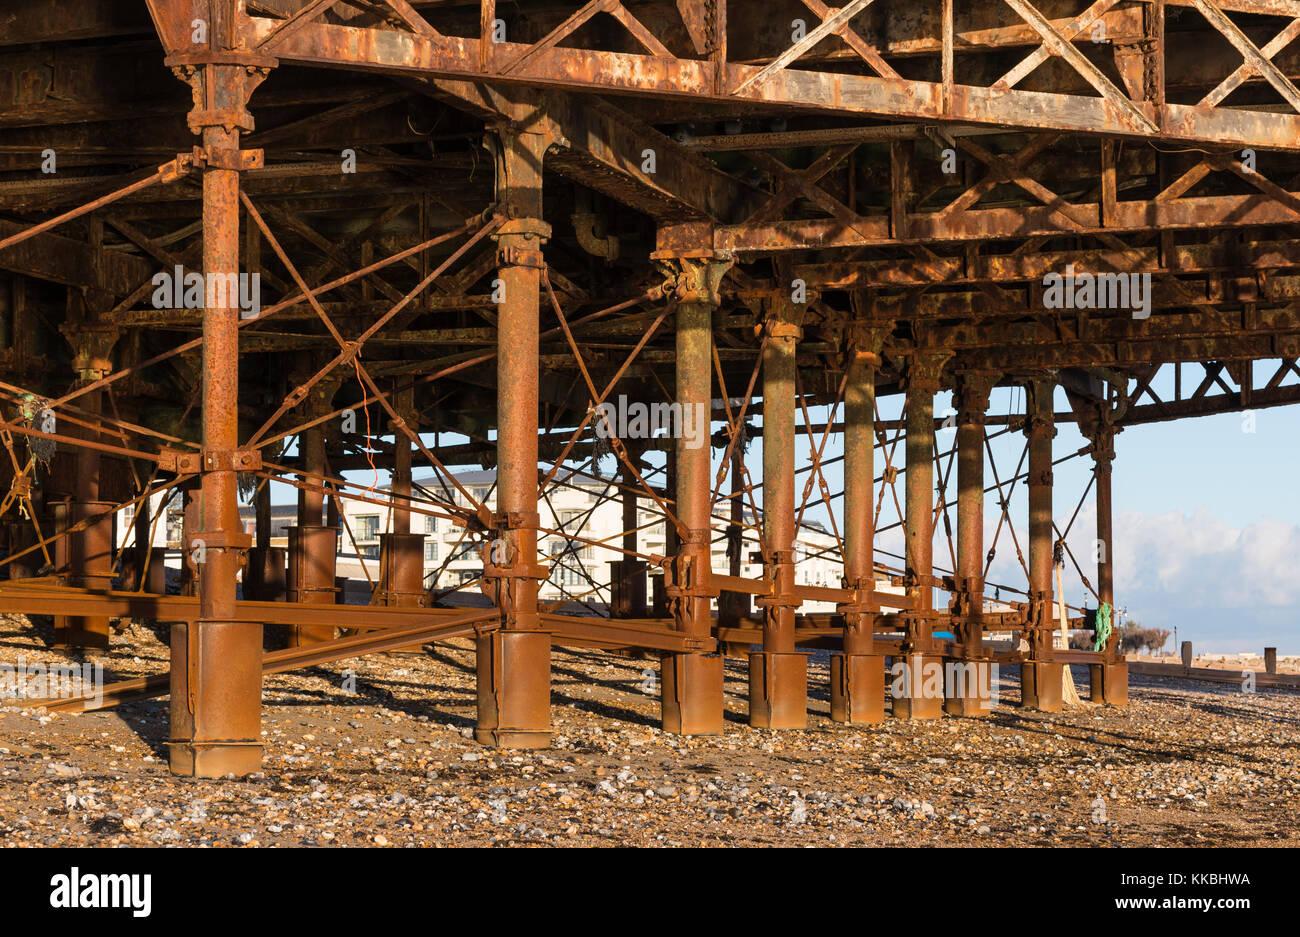 Rost Metall Stützfuß auf einem Pier, nach Korrosion durch Seewasser. Stockbild